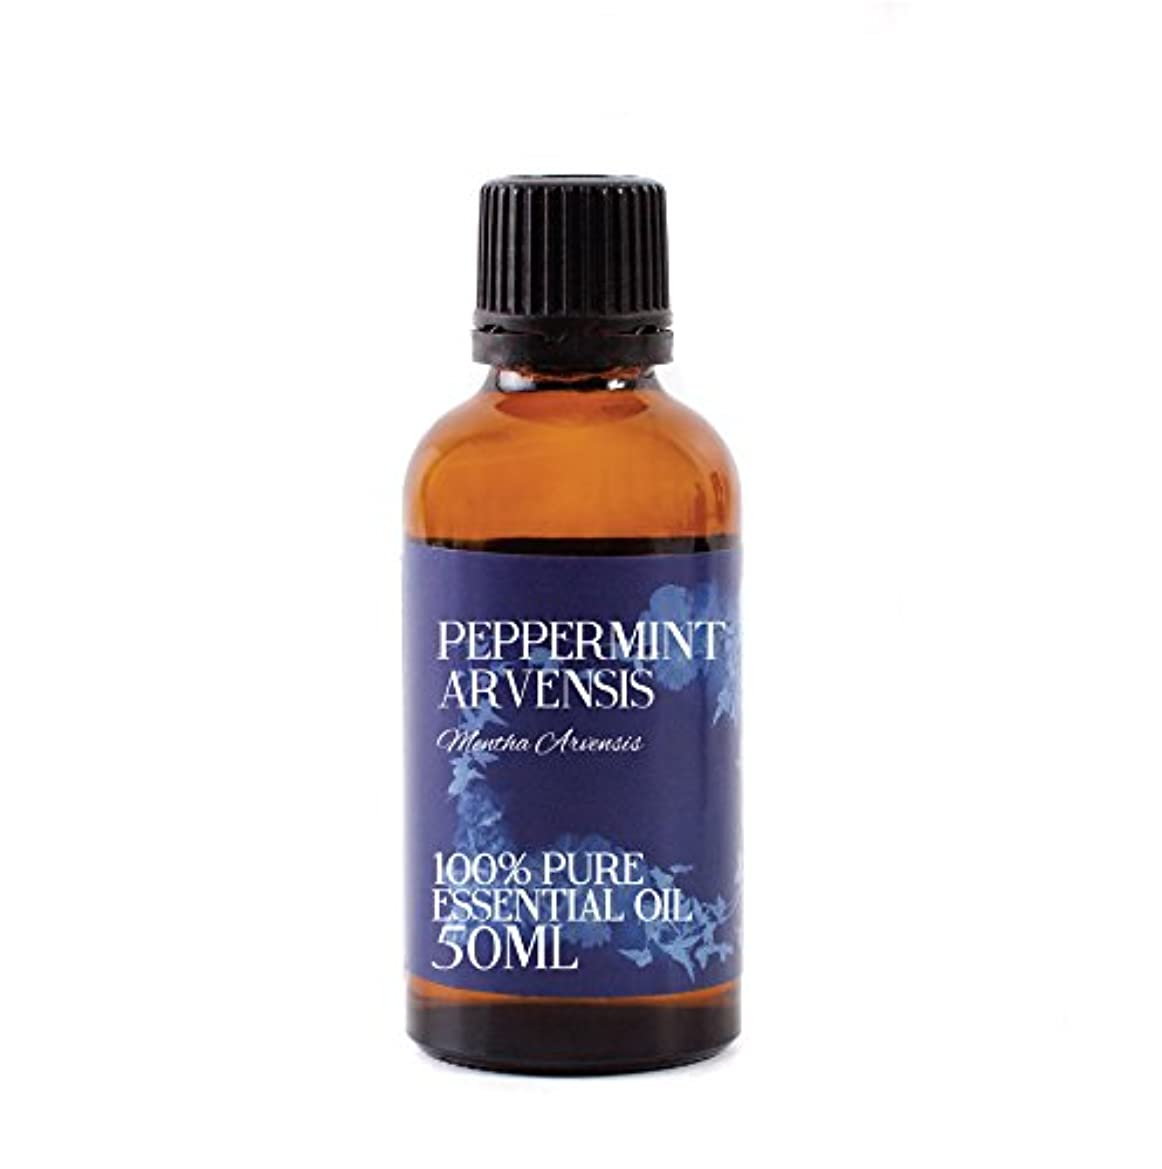 ステージバイオリニスト悔い改めMystic Moments   Peppermint Arvensis Essential Oil - 50ml - 100% Pure